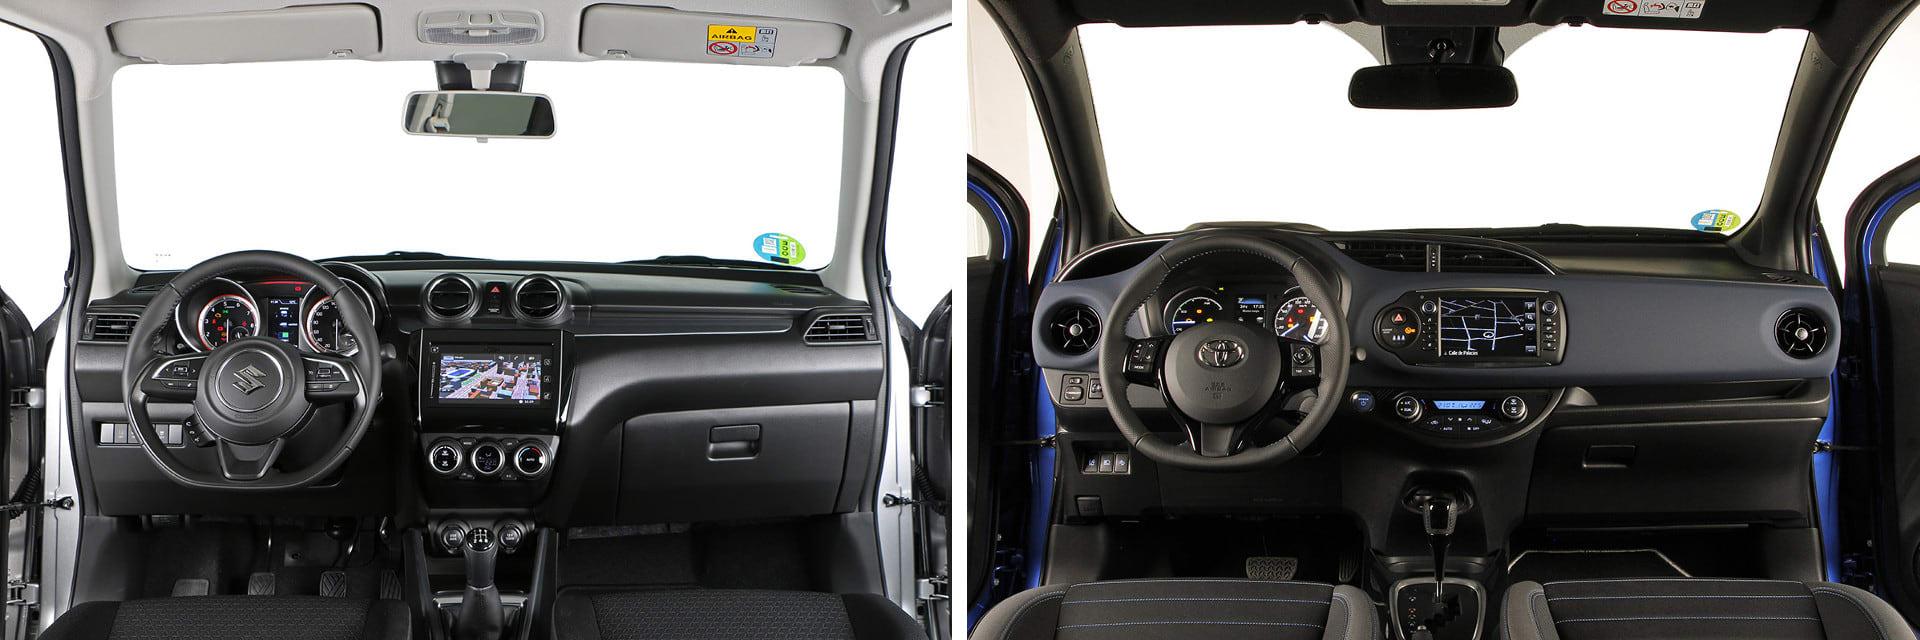 El interior de ambos vehículos tiene un buen ajuste entre piezas, aunque esté construido con materiales poco vistosos.